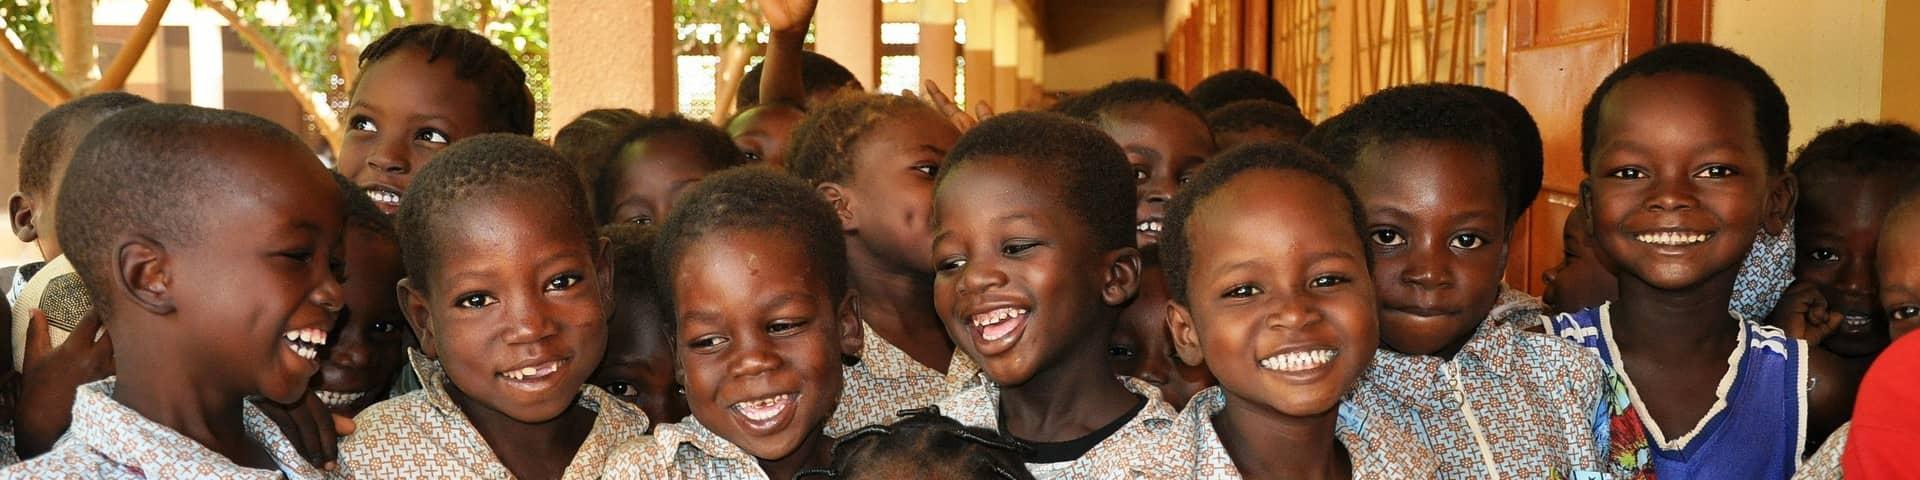 Sites de rencontre international afrique canada